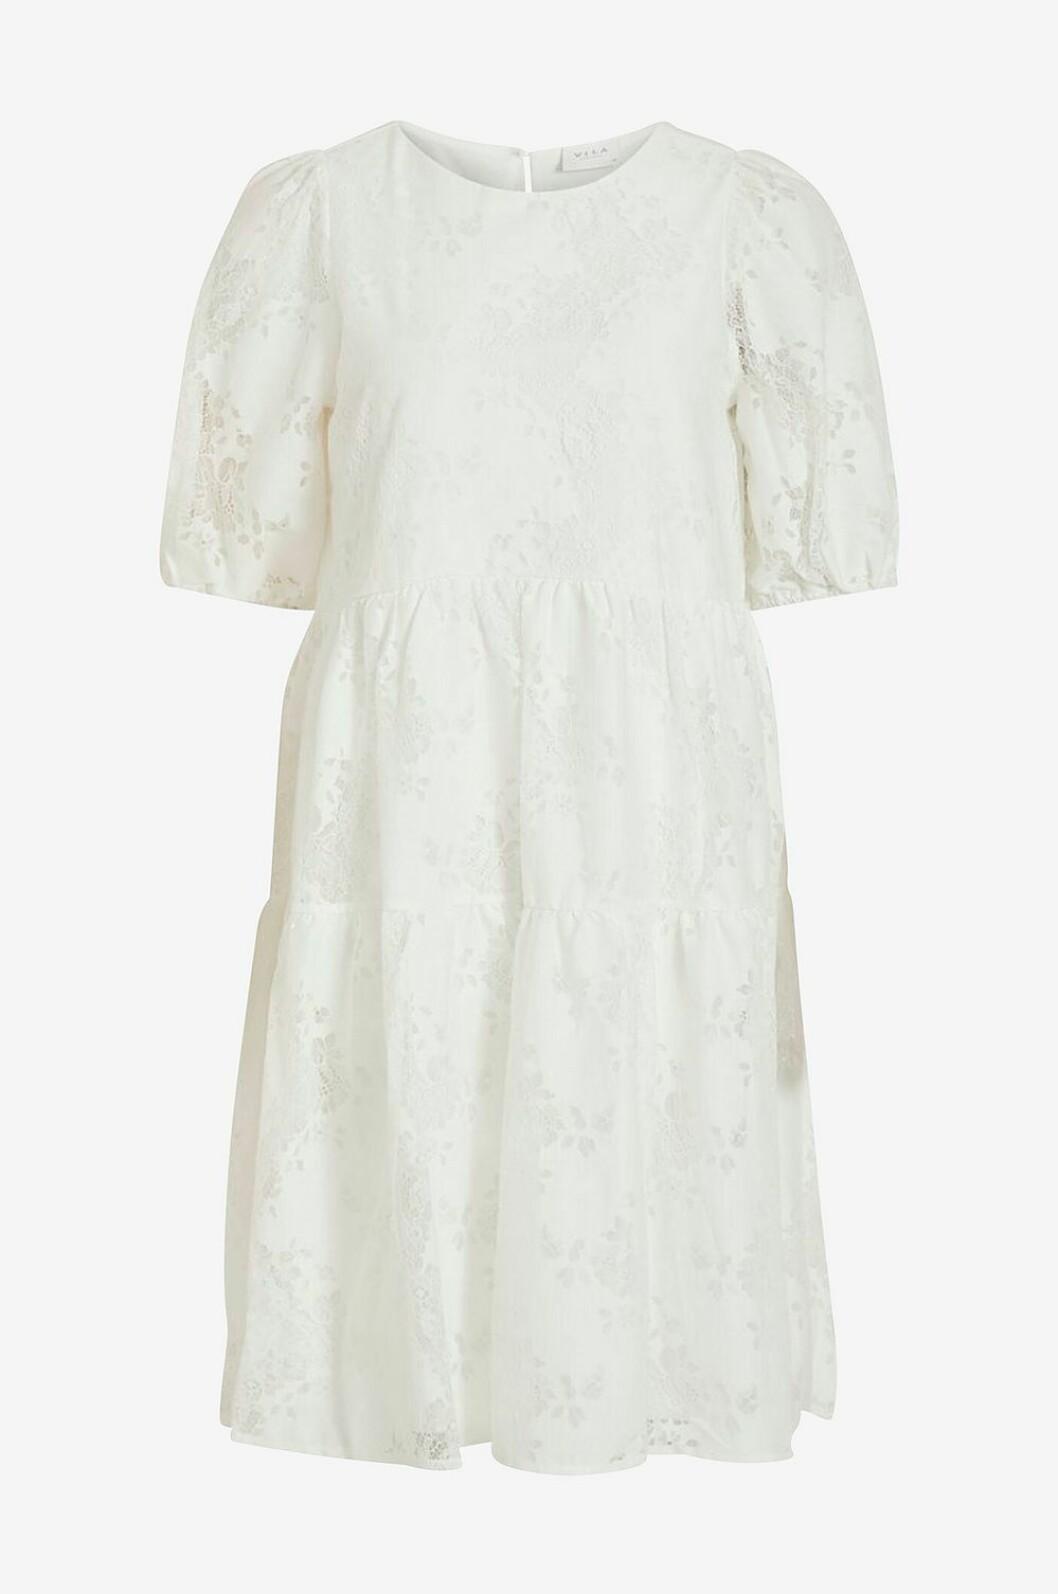 Vit volangklänning med spets till sommaren 2020